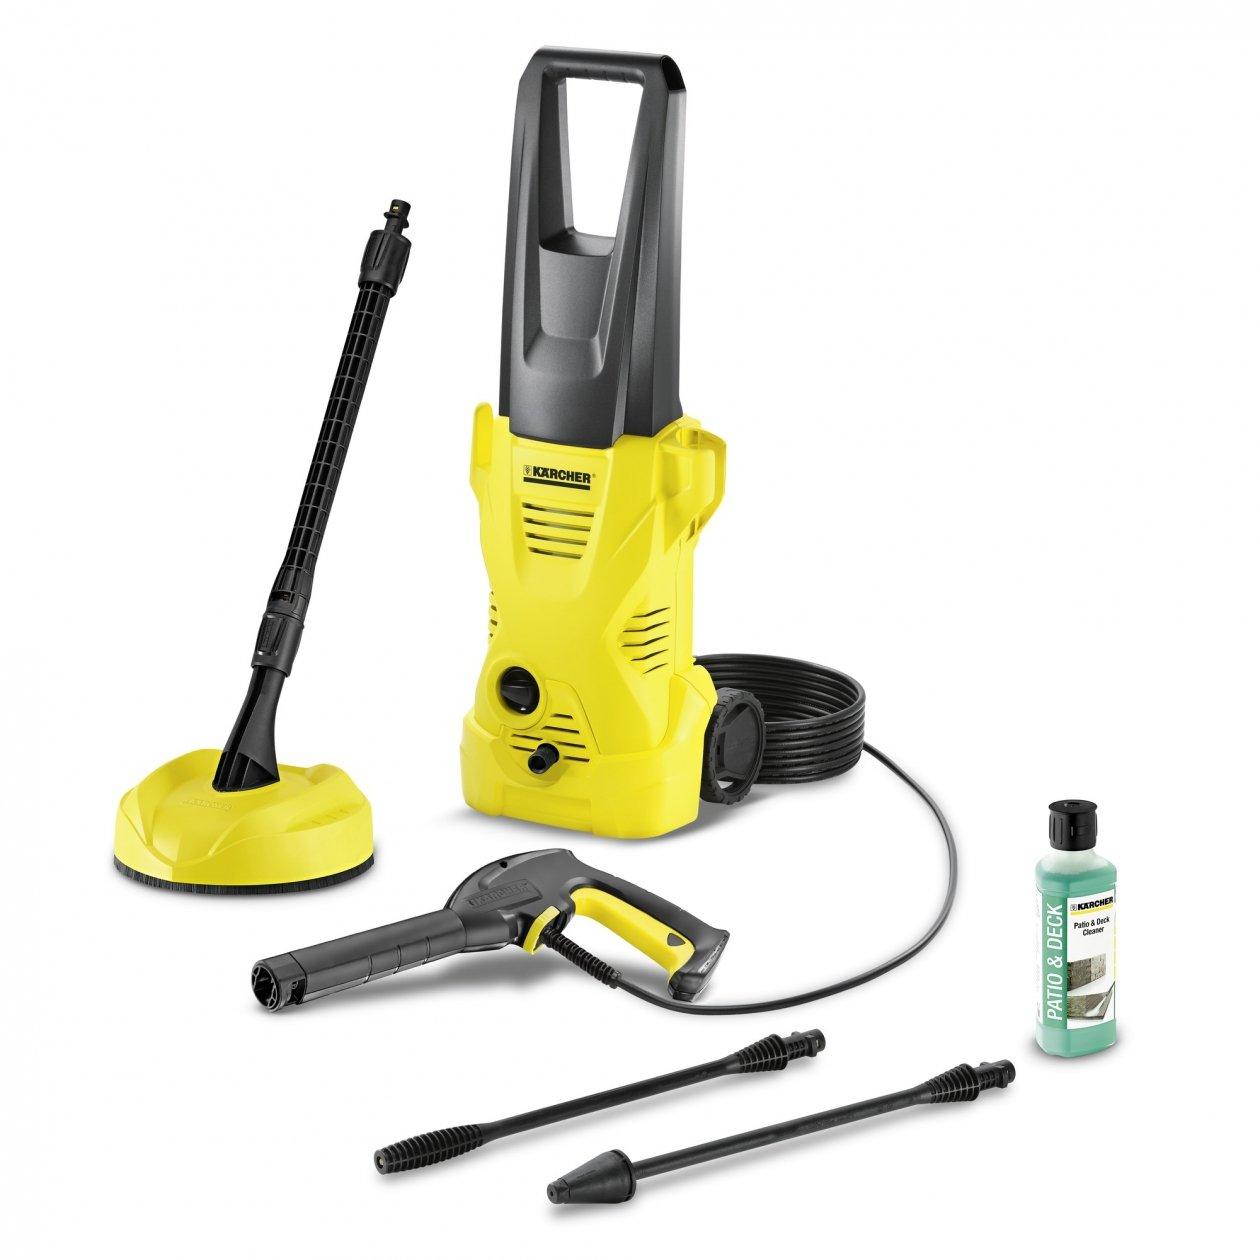 Karcher - Limpiadora a presión K2 Home T50 16732230 por solo 110,83€